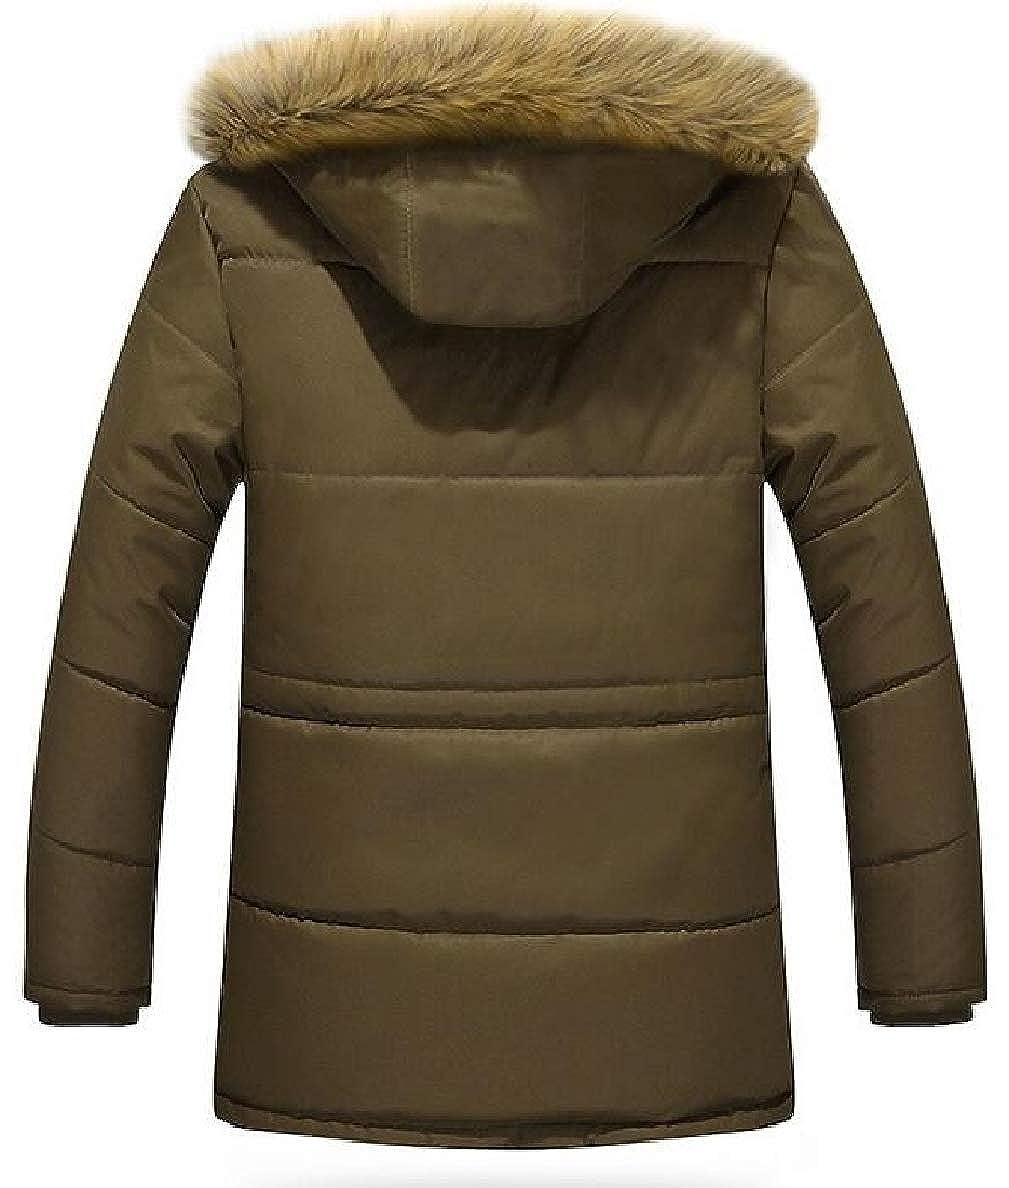 Tymhgt Men Warm Faux Fur Hooded Fleece Lined Padded Parka Outerwear Coats